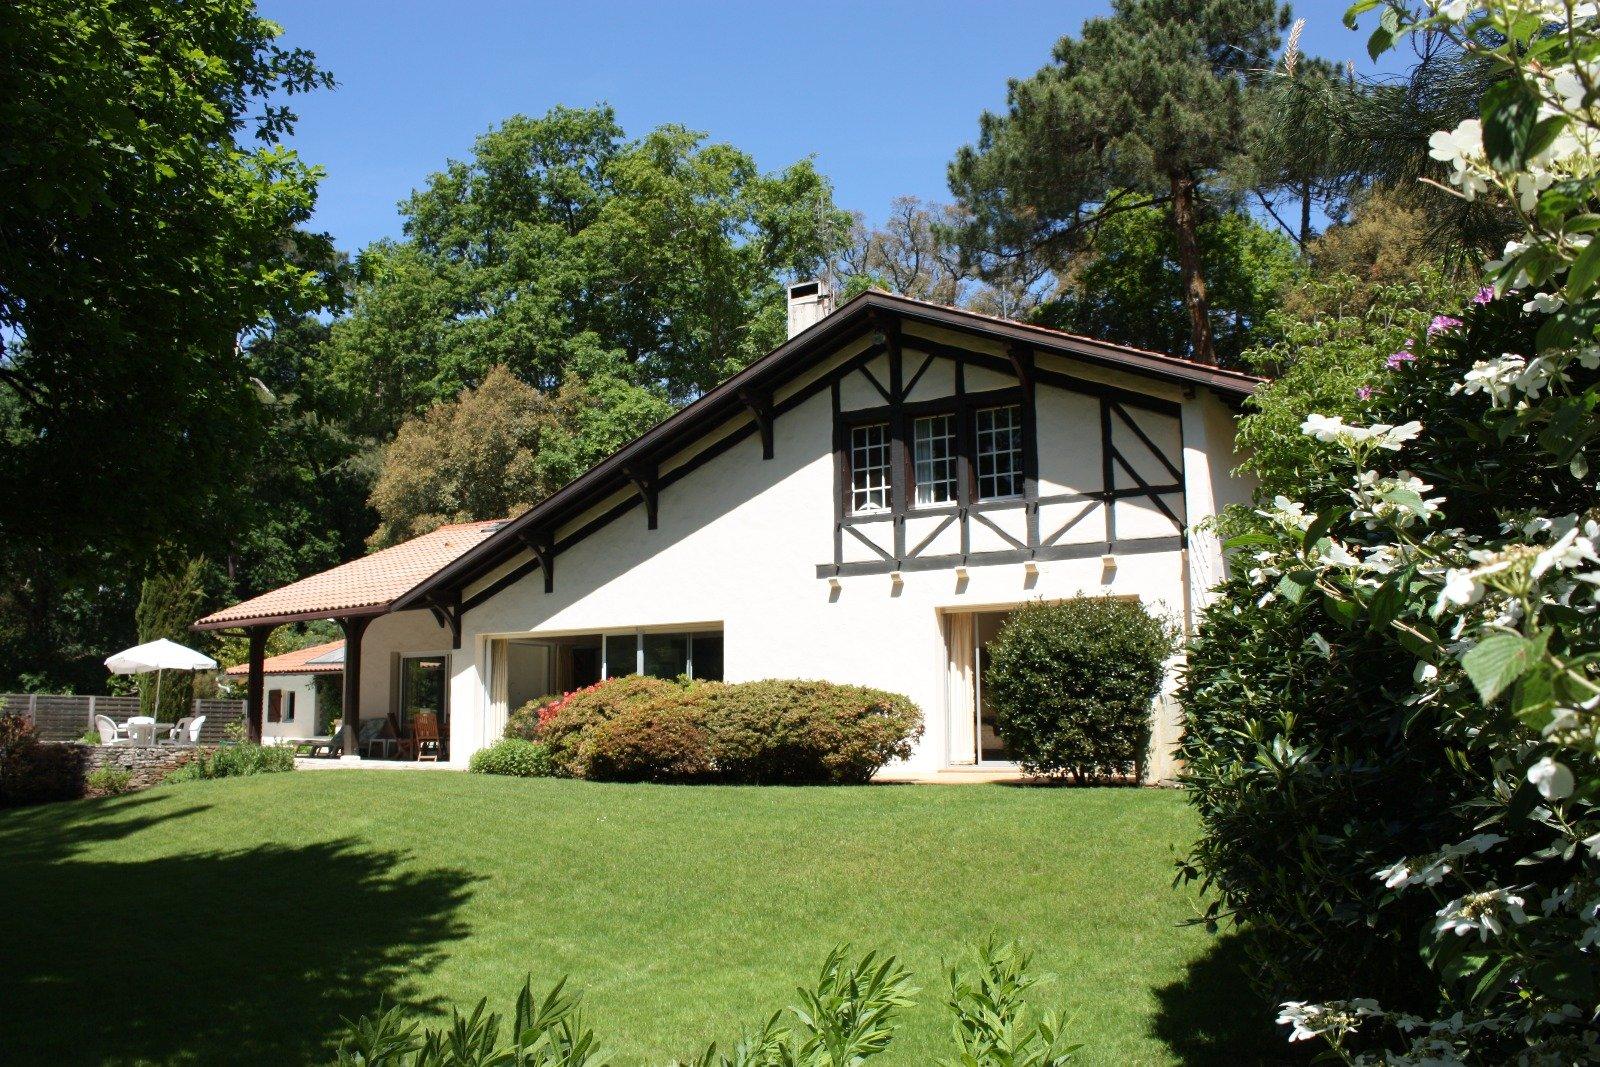 Maison de charme avec acces direct sur le golf d 39 hossegor for Acheter maison hossegor